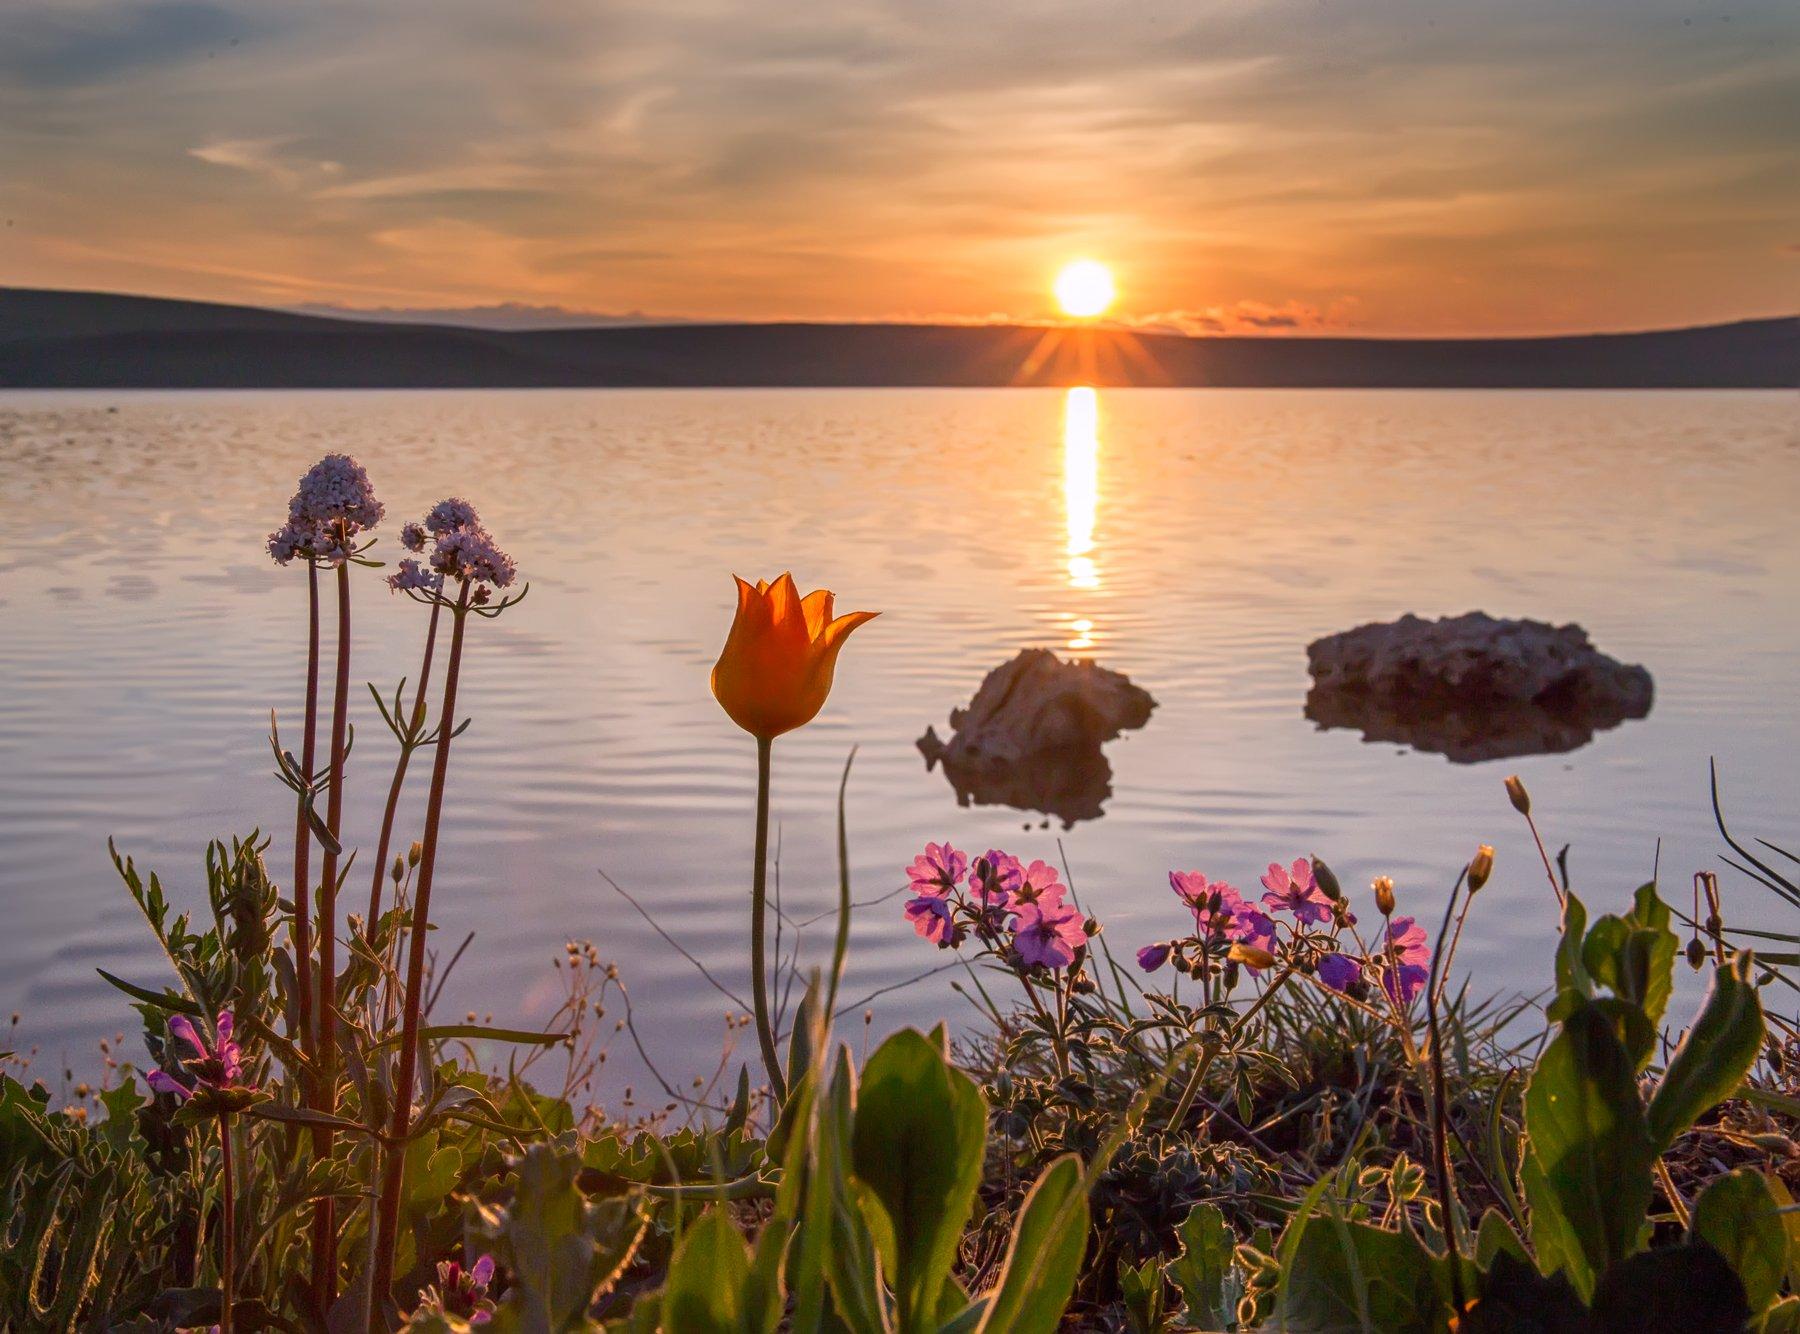 рассвет,озеро,кояшское,опук,заповедник,камни,побережье,цветы,тюльпан,природа,трава,желтый,розовый,солнце,облака,вода,пейзаж,россия,лучи,холм,горизонт, Elena Pakhalyuk